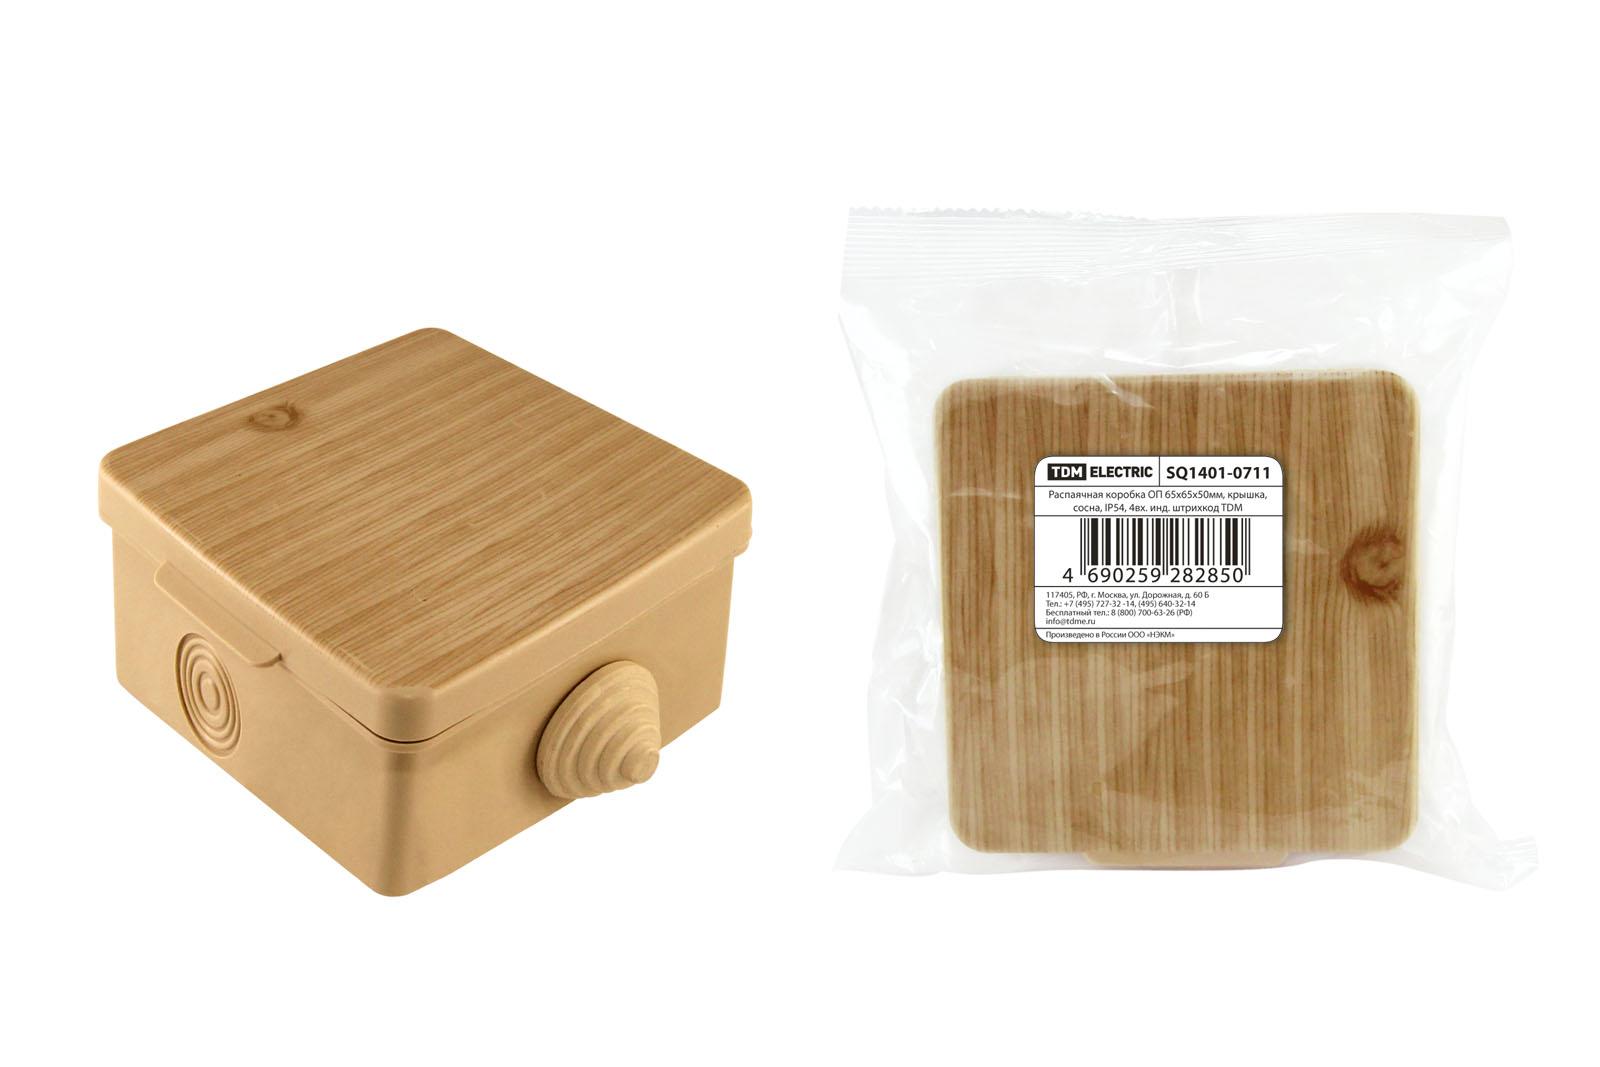 Фото Распаячная коробка ОП 65х65х50мм, крышка, сосна, IP54, 4вх. инд. штрихкод TDM {SQ1401-0711}